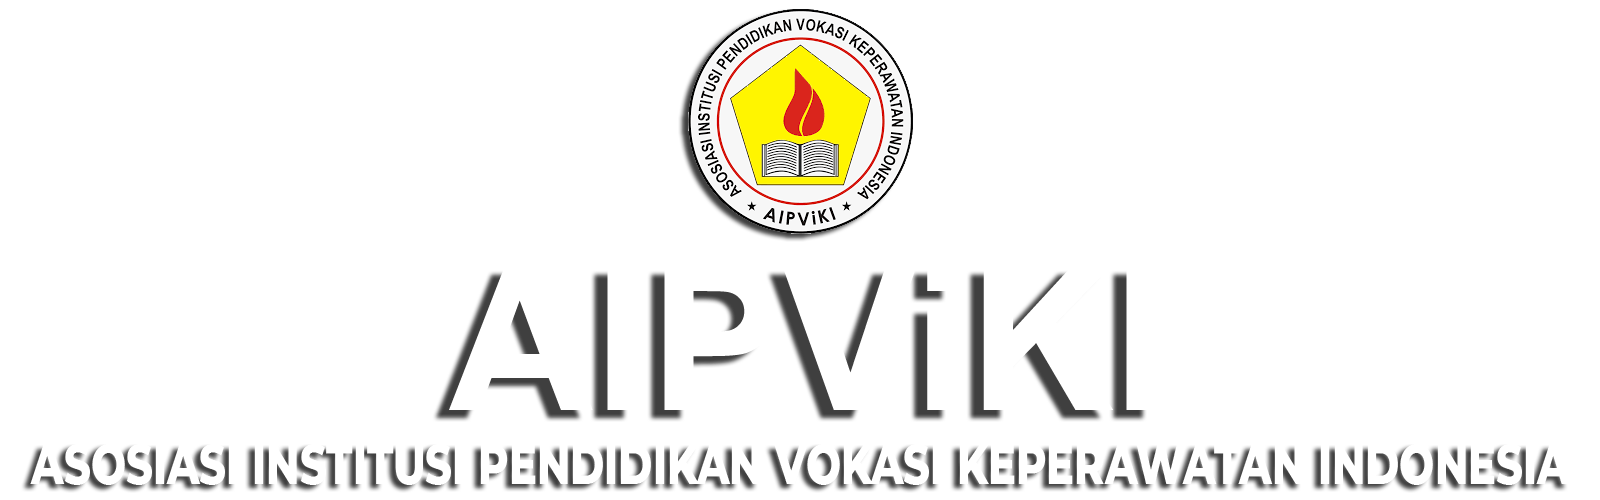 AIPViKI